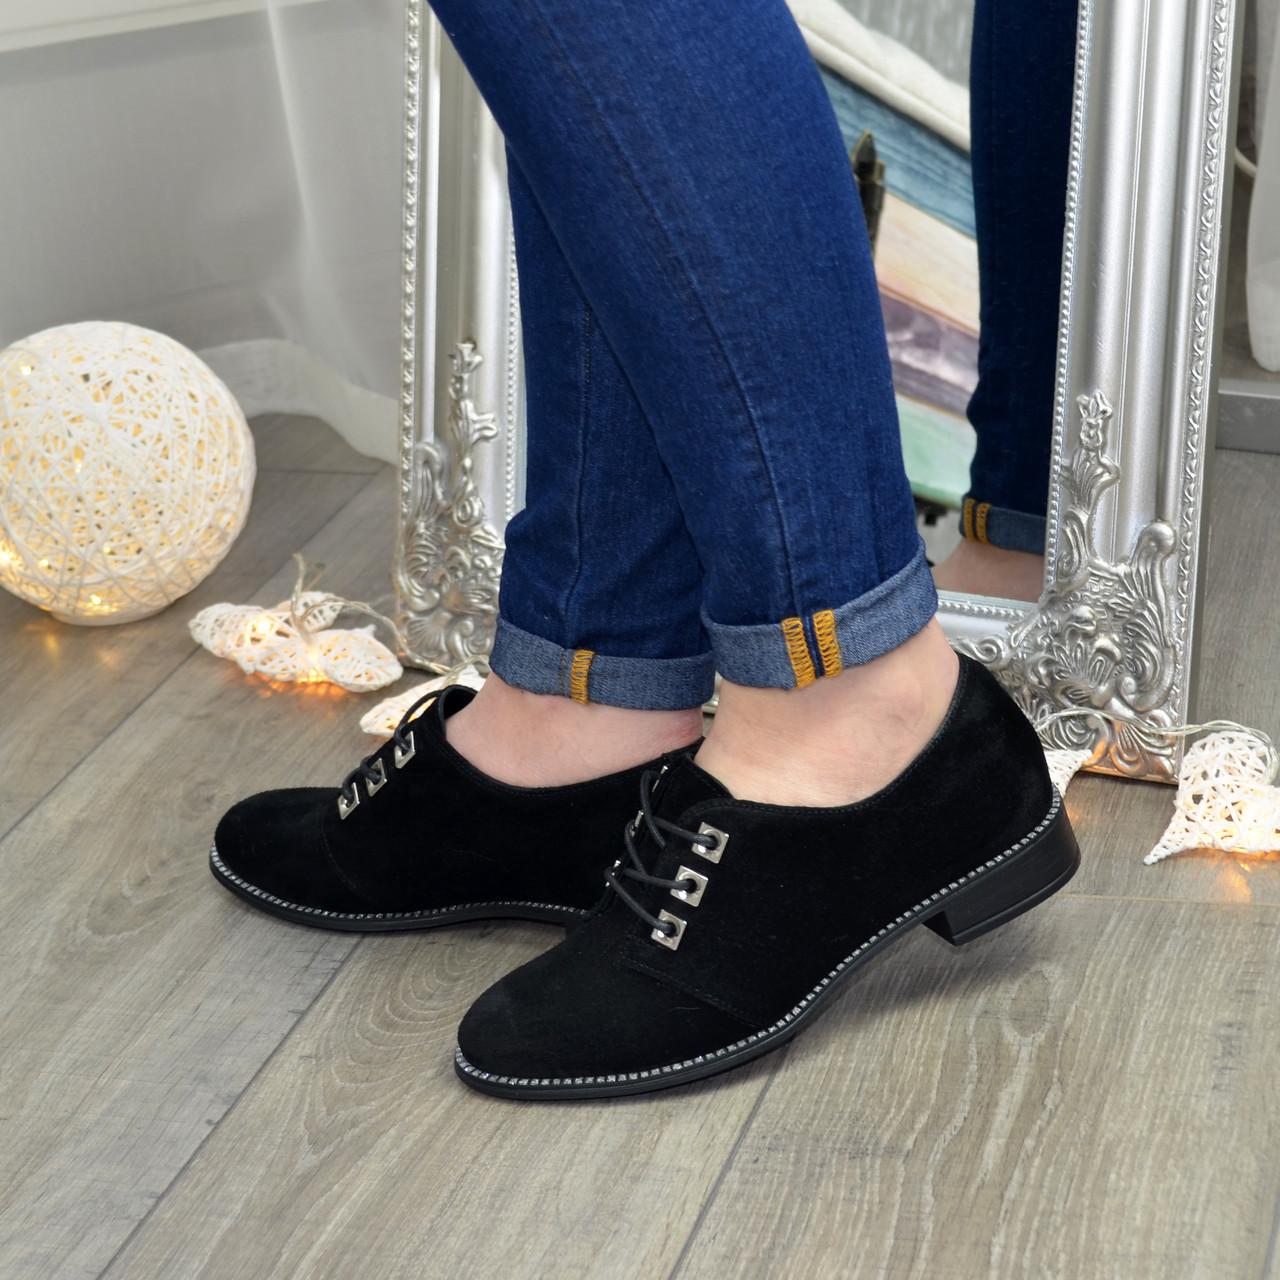 Туфли женские замшевые на шнуровке, низкий ход. Цвет черный